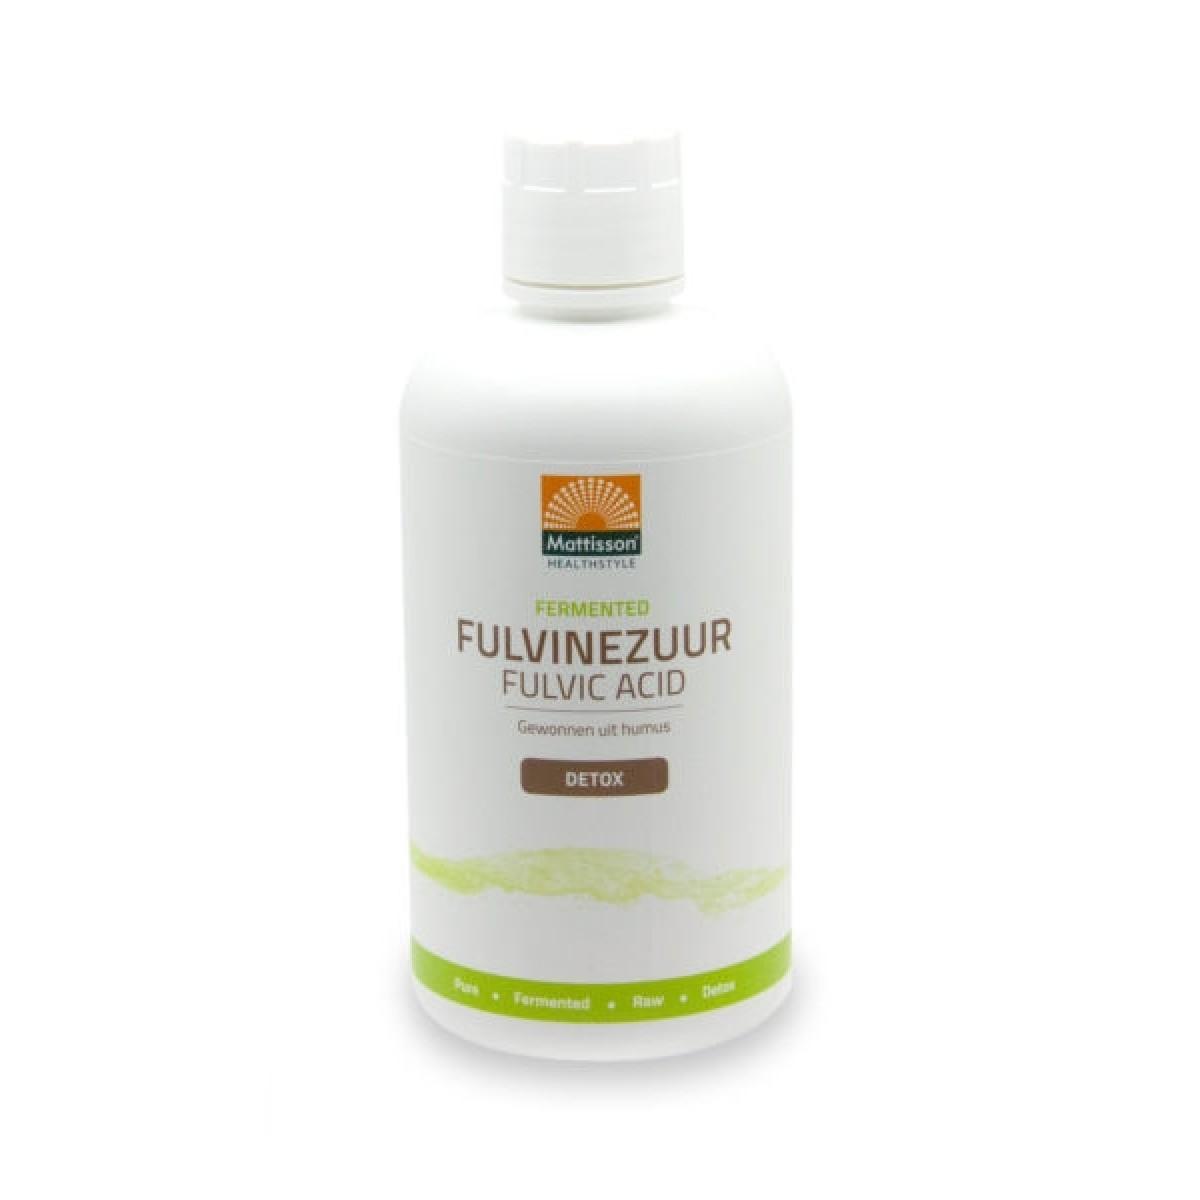 Fermented Fulvine Zuur